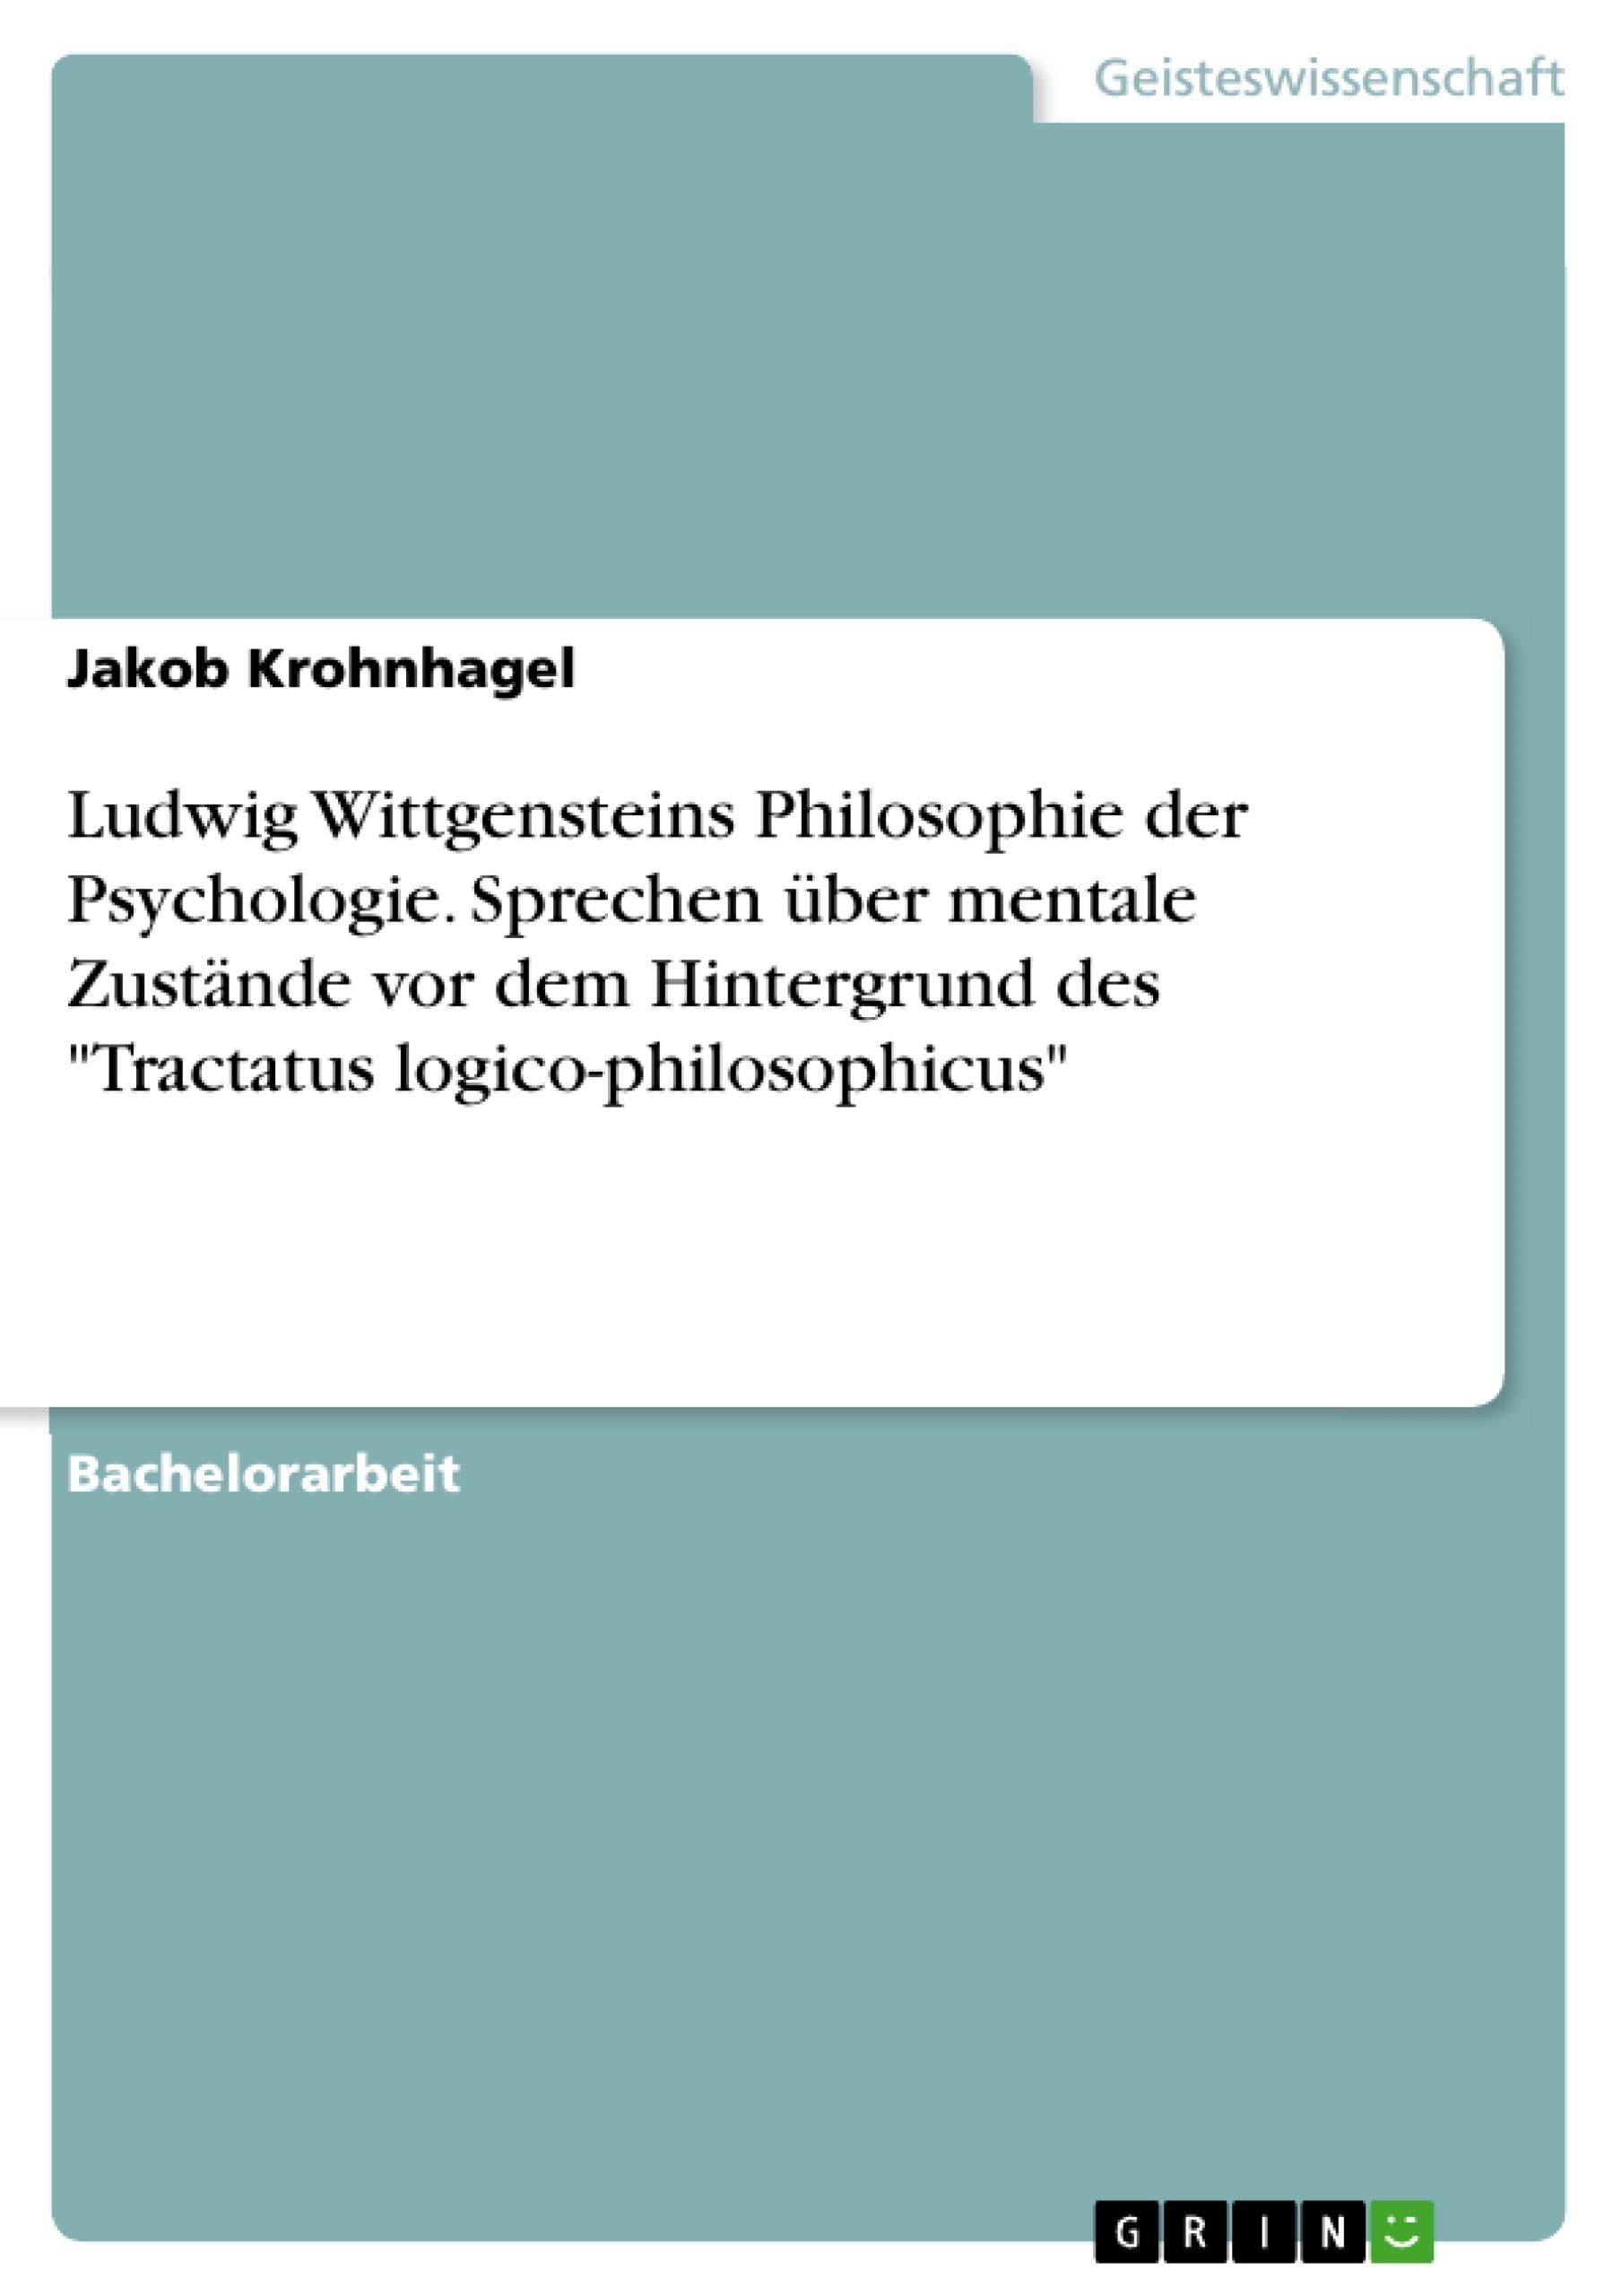 """Titel: Ludwig Wittgensteins Philosophie der Psychologie. Sprechen über mentale Zustände vor dem Hintergrund des """"Tractatus logico-philosophicus"""""""